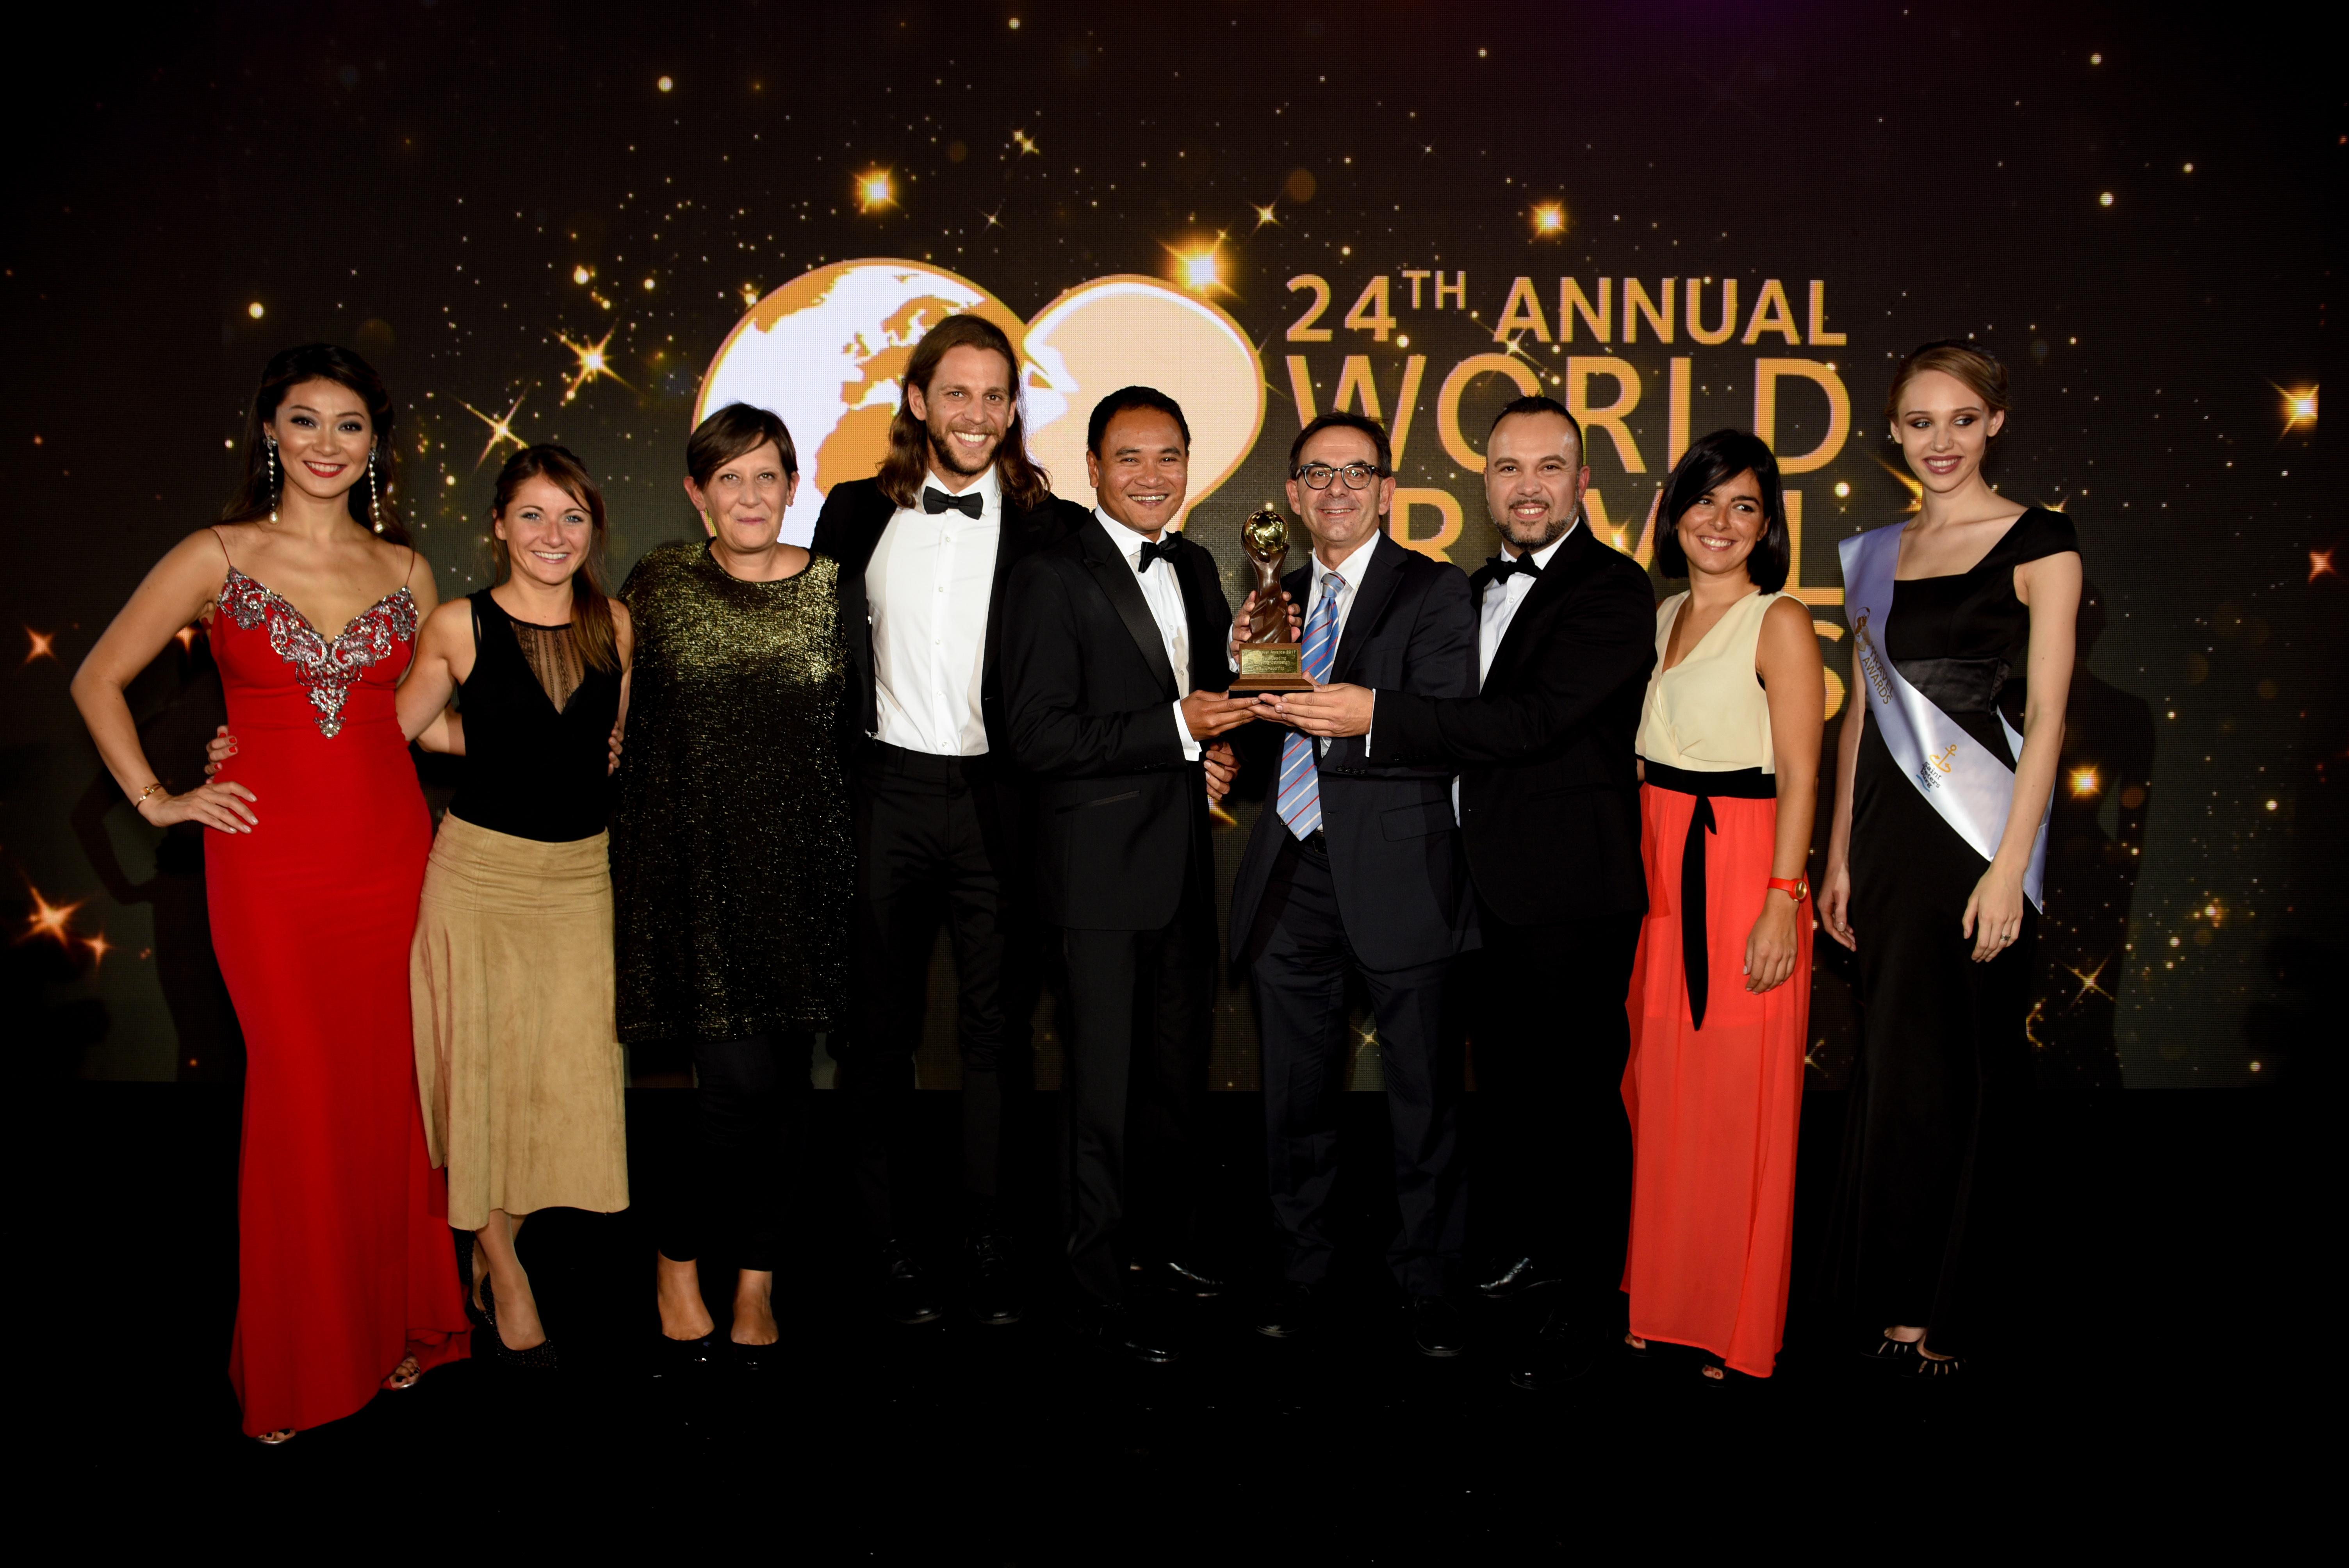 eurofoodtrip-world-travel-awards-photo